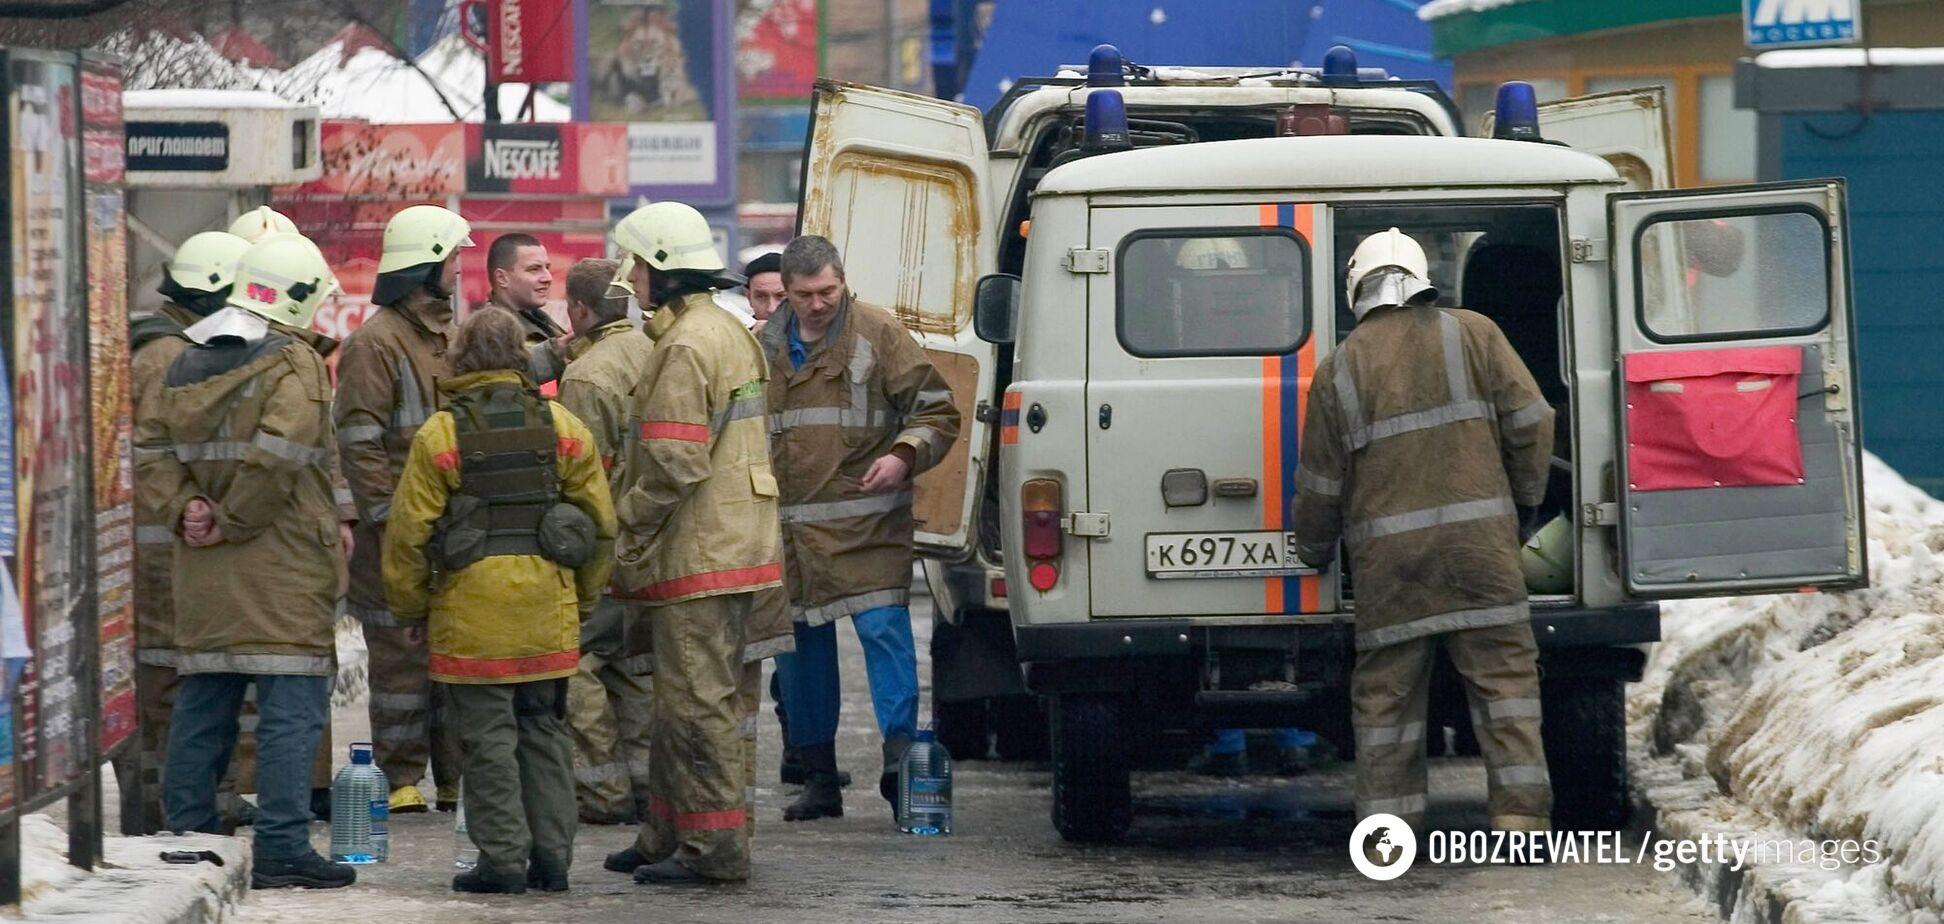 Спасатели у станции метро 'Автозаводская', 6 февраля 2004 года, Москва